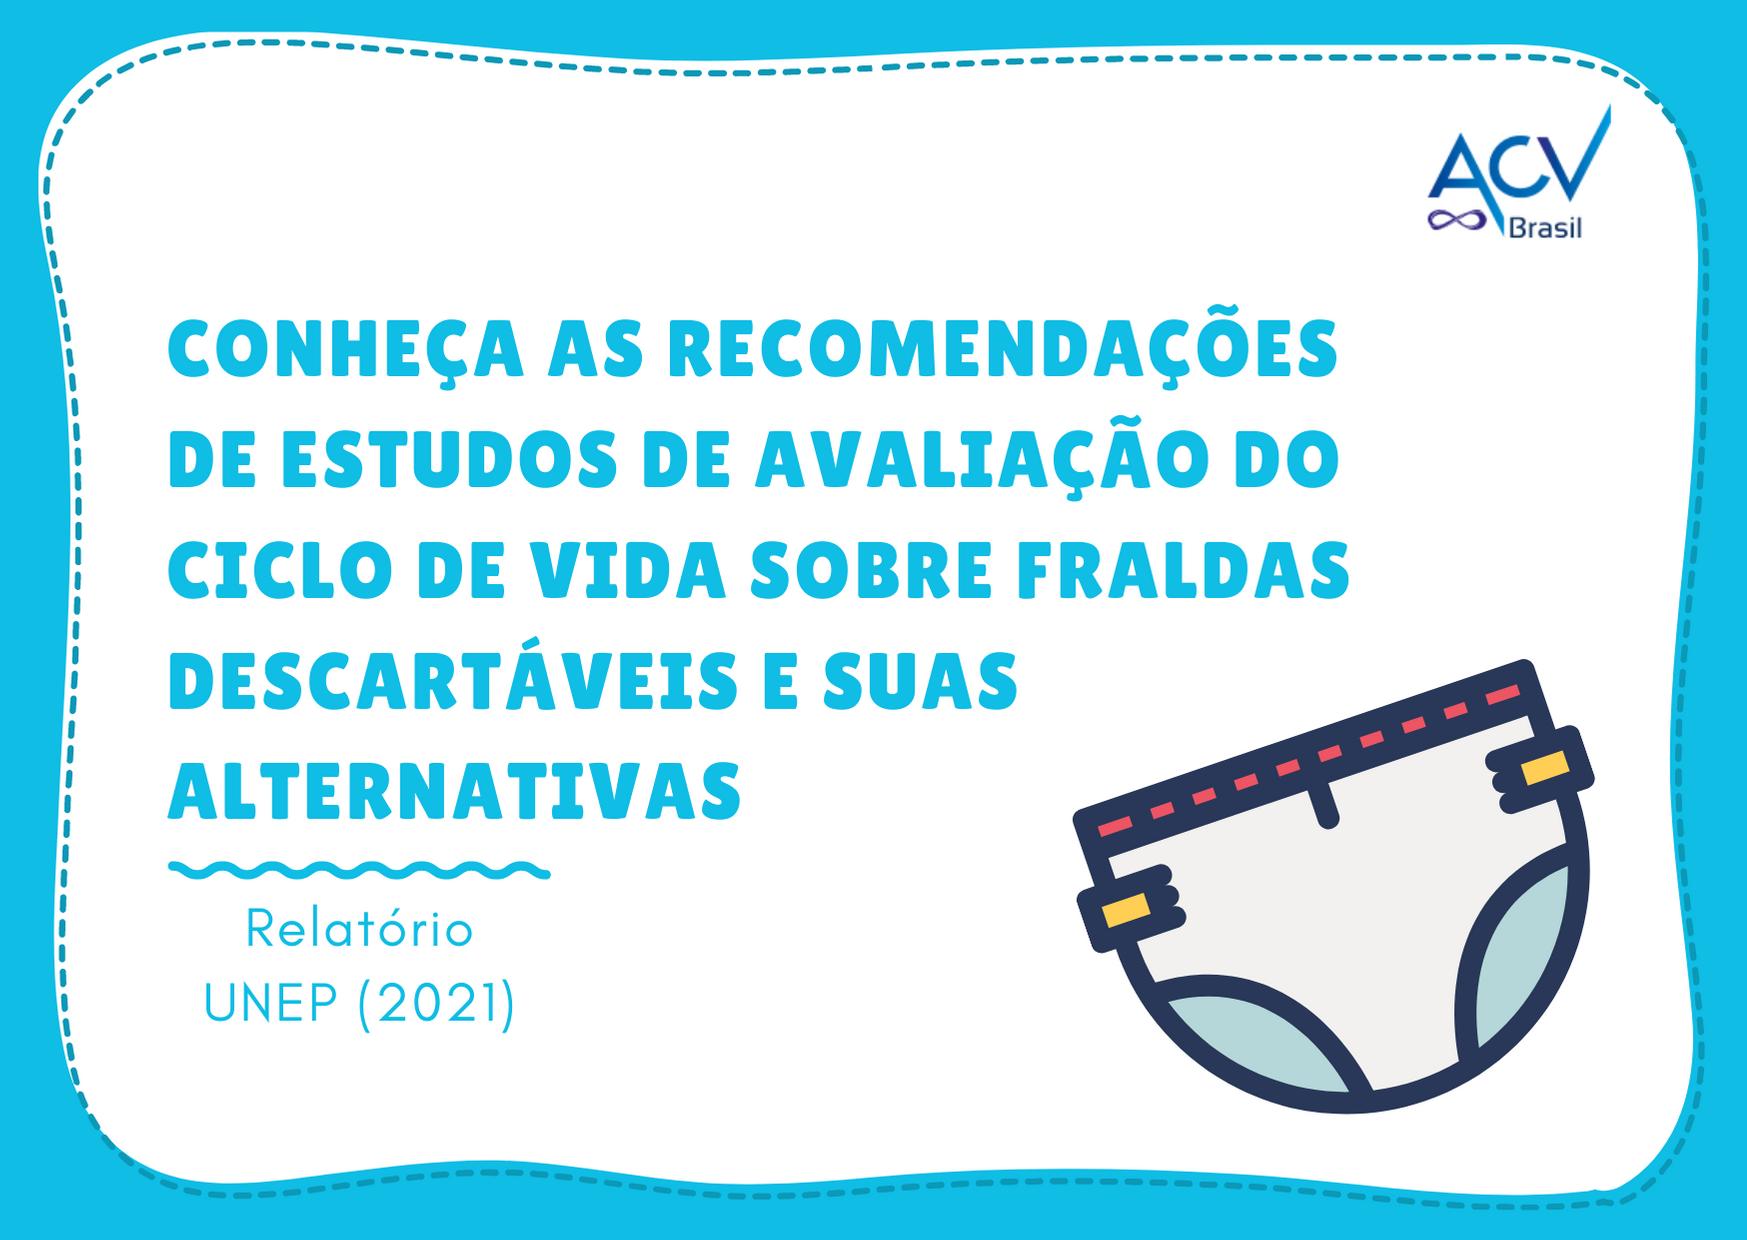 Fraldas descartáveis e suas alternativas: recomendações de estudos de Avaliação do Ciclo de Vida